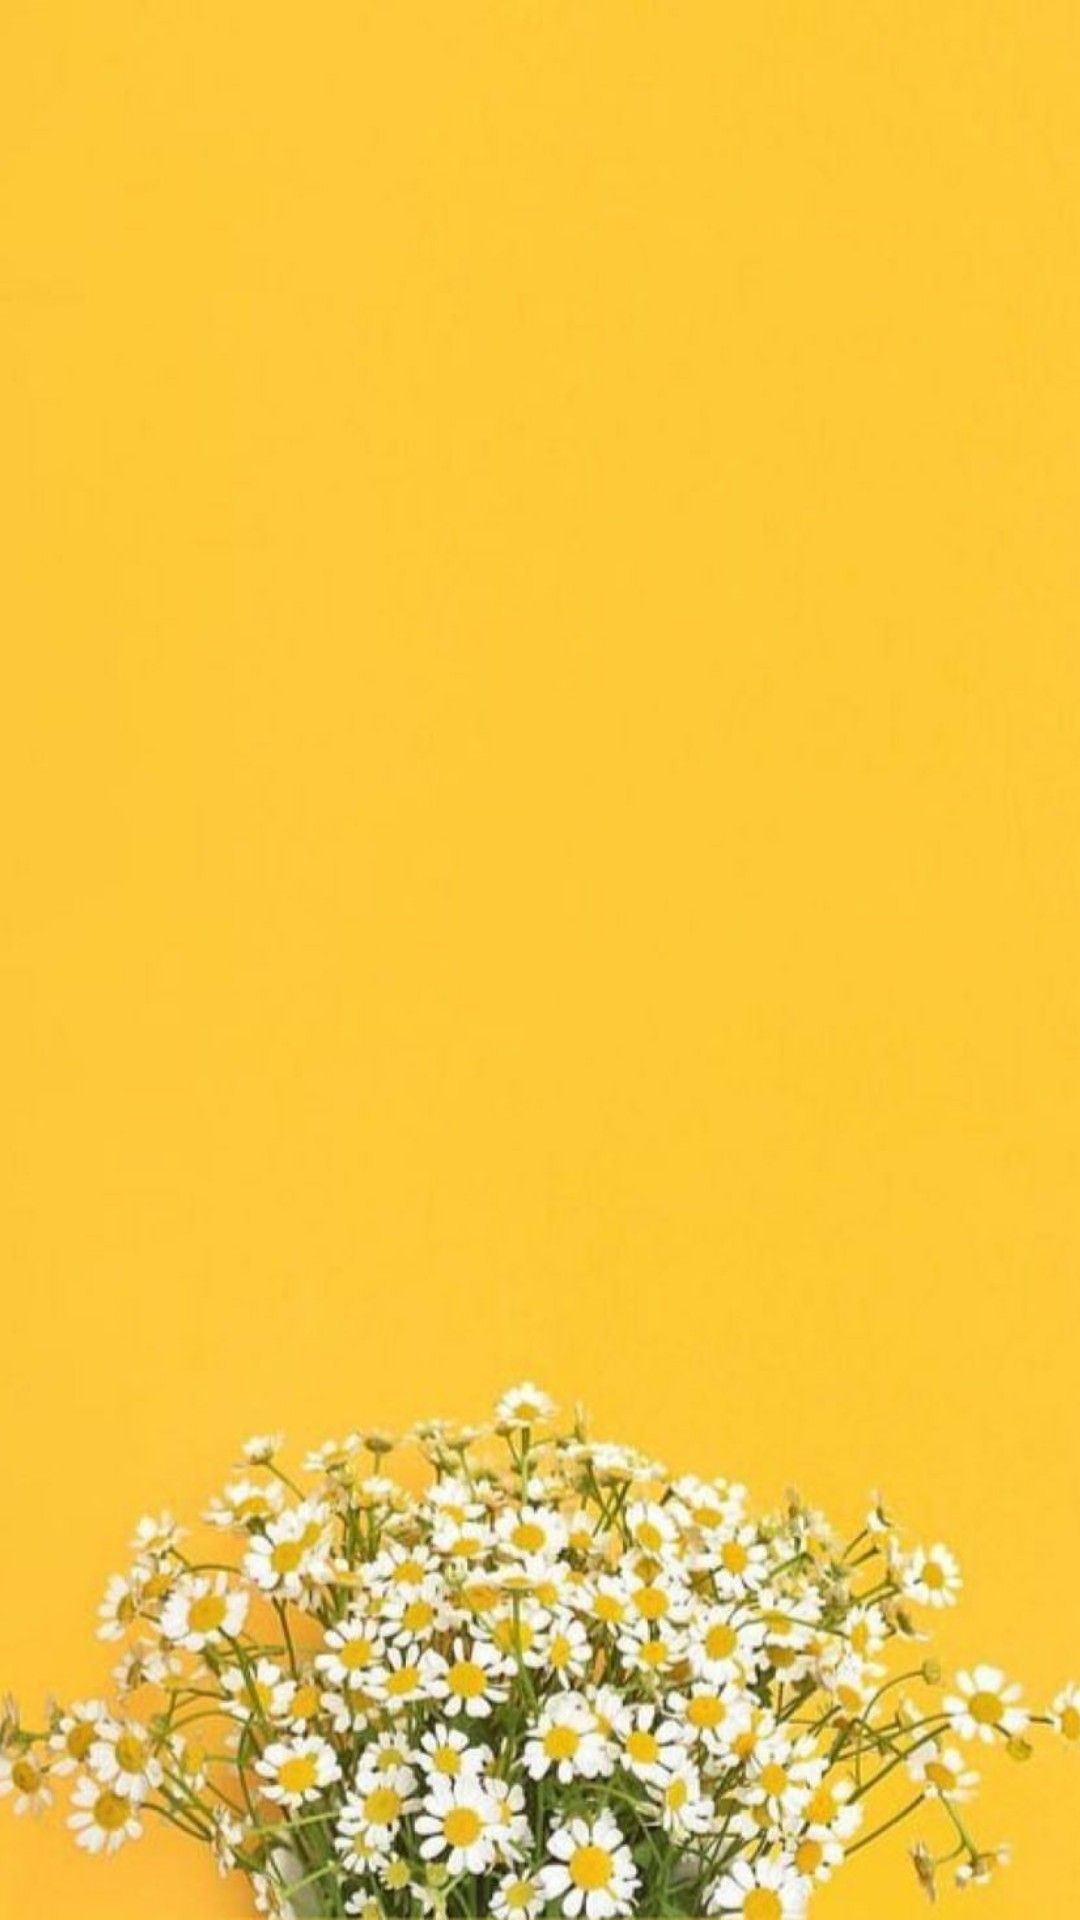 Pin By Jessa Lawas On Wallpaper In 2019 Sunflower Wallpaper Lock